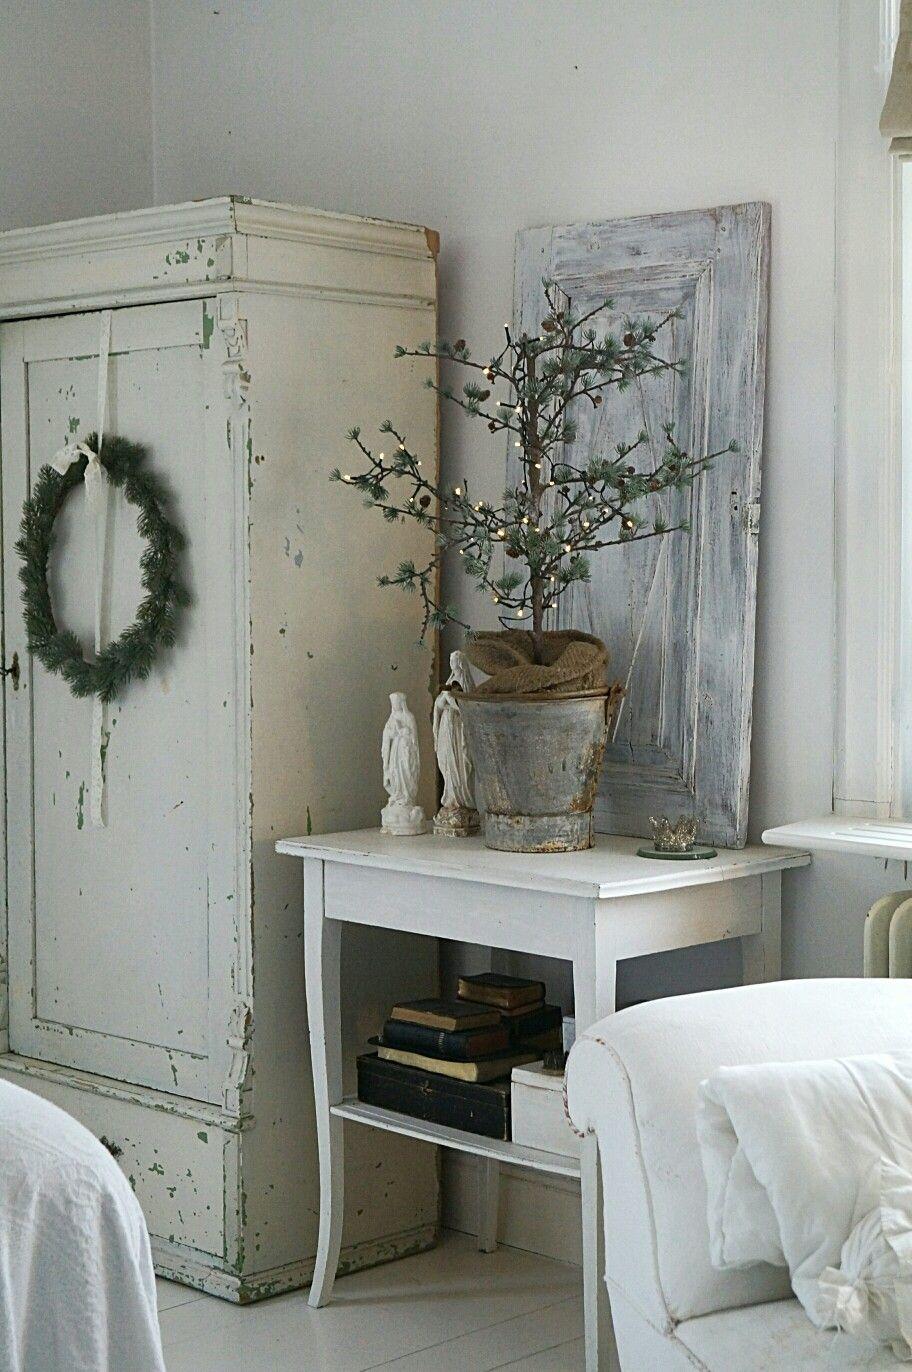 Vintage Dekorationen, Landhaus Deko, Selber Machen Anleitungen, Landhausstil,  Schlafzimmer, Einrichtung, Weihnachten, Wohnen, Weiße Hütte